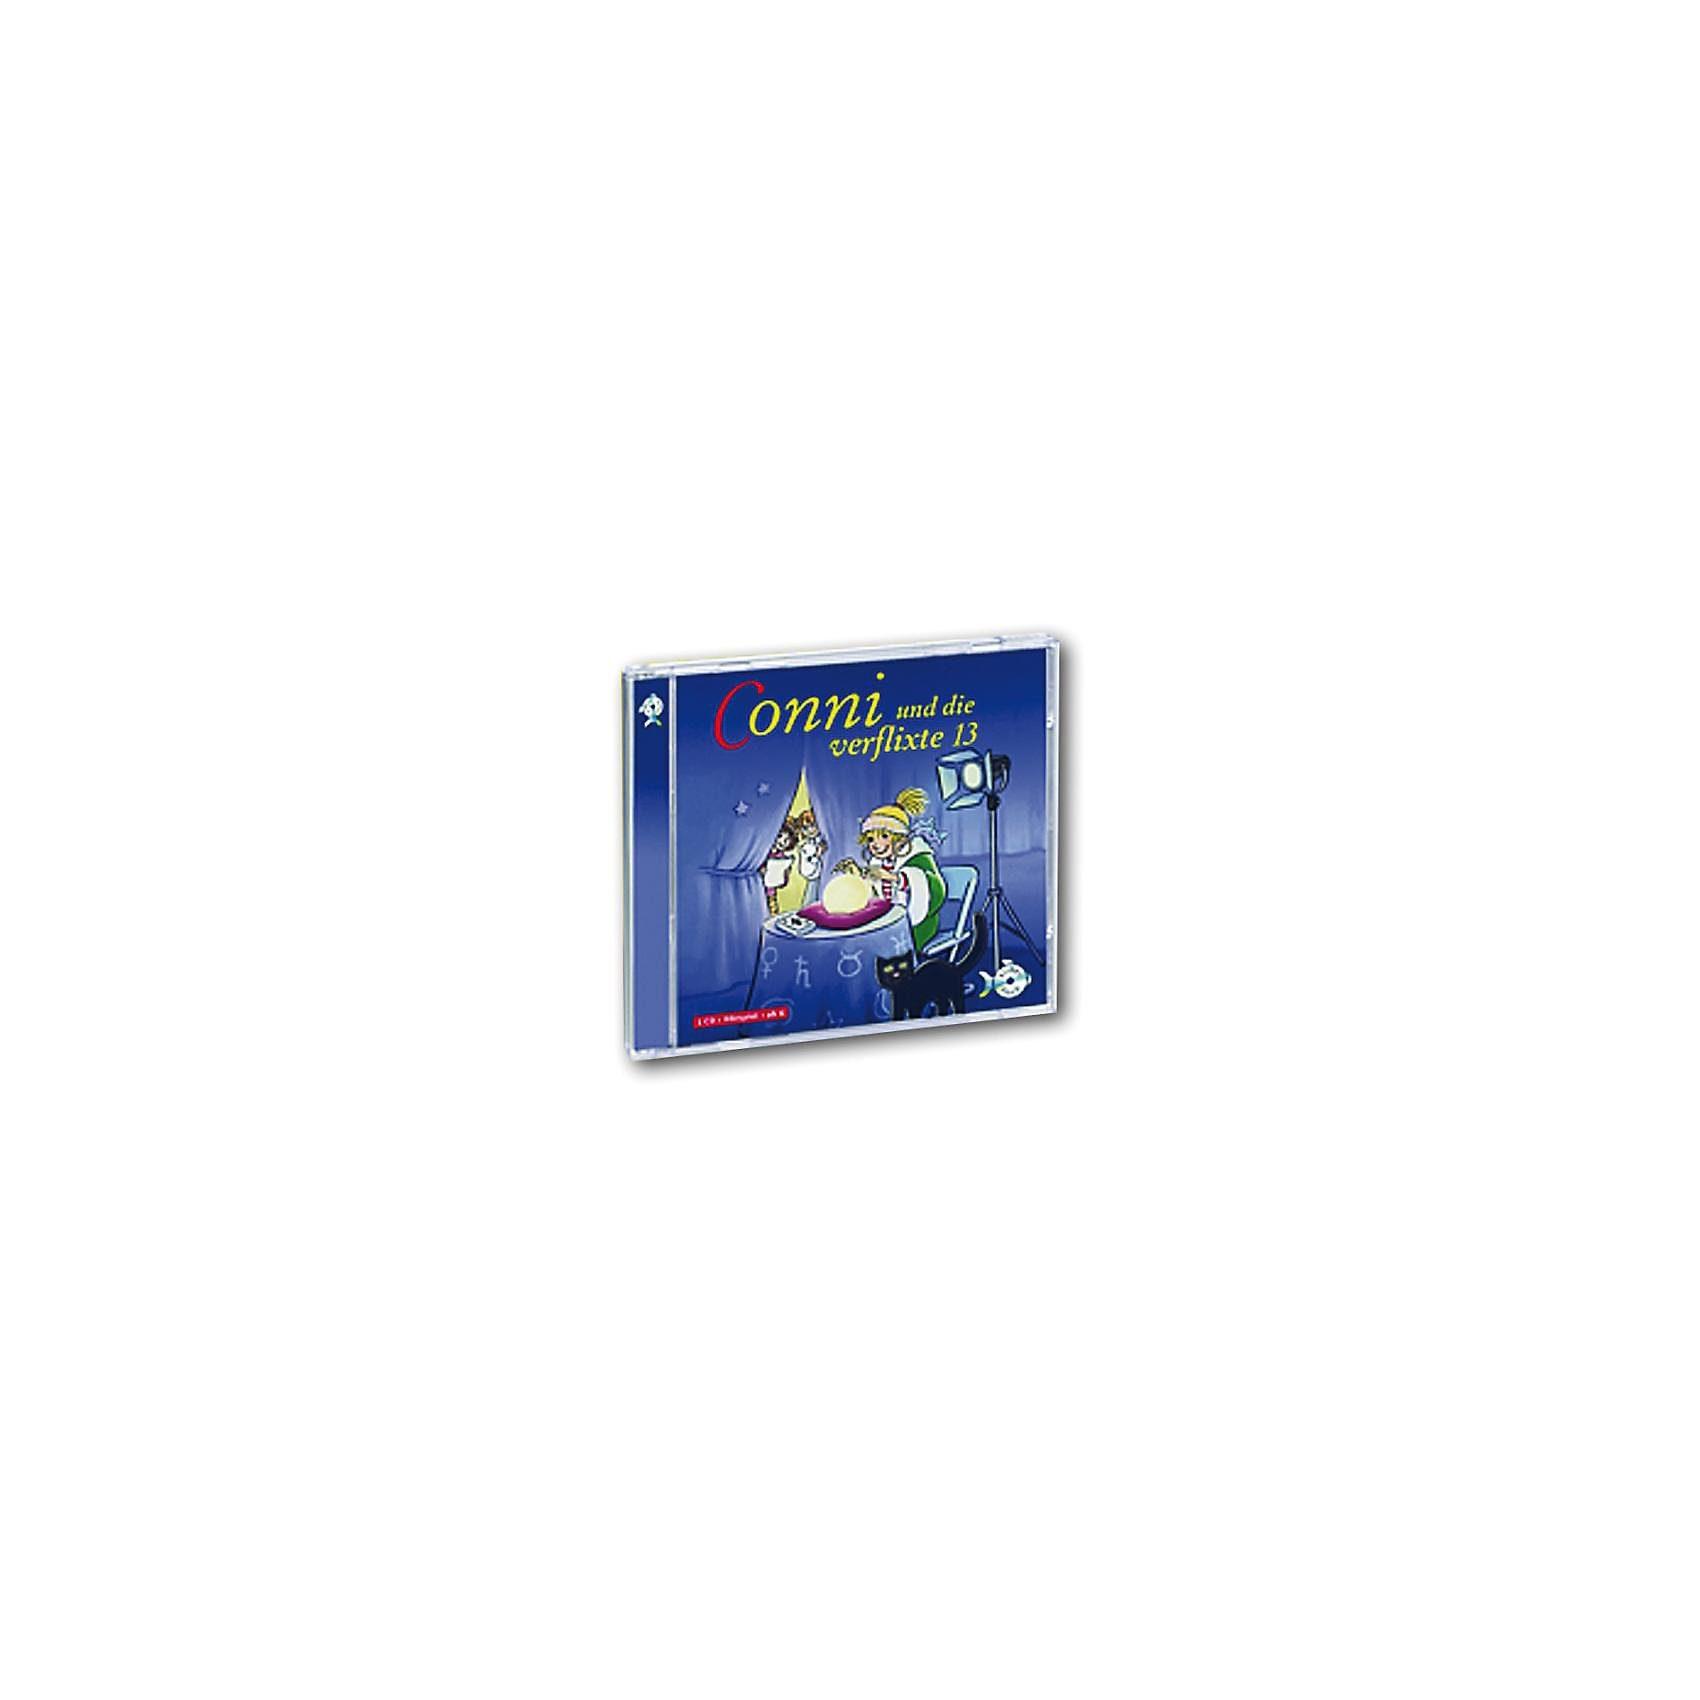 Carlsen Verlag CD Conni - Conni und die verflixte 13